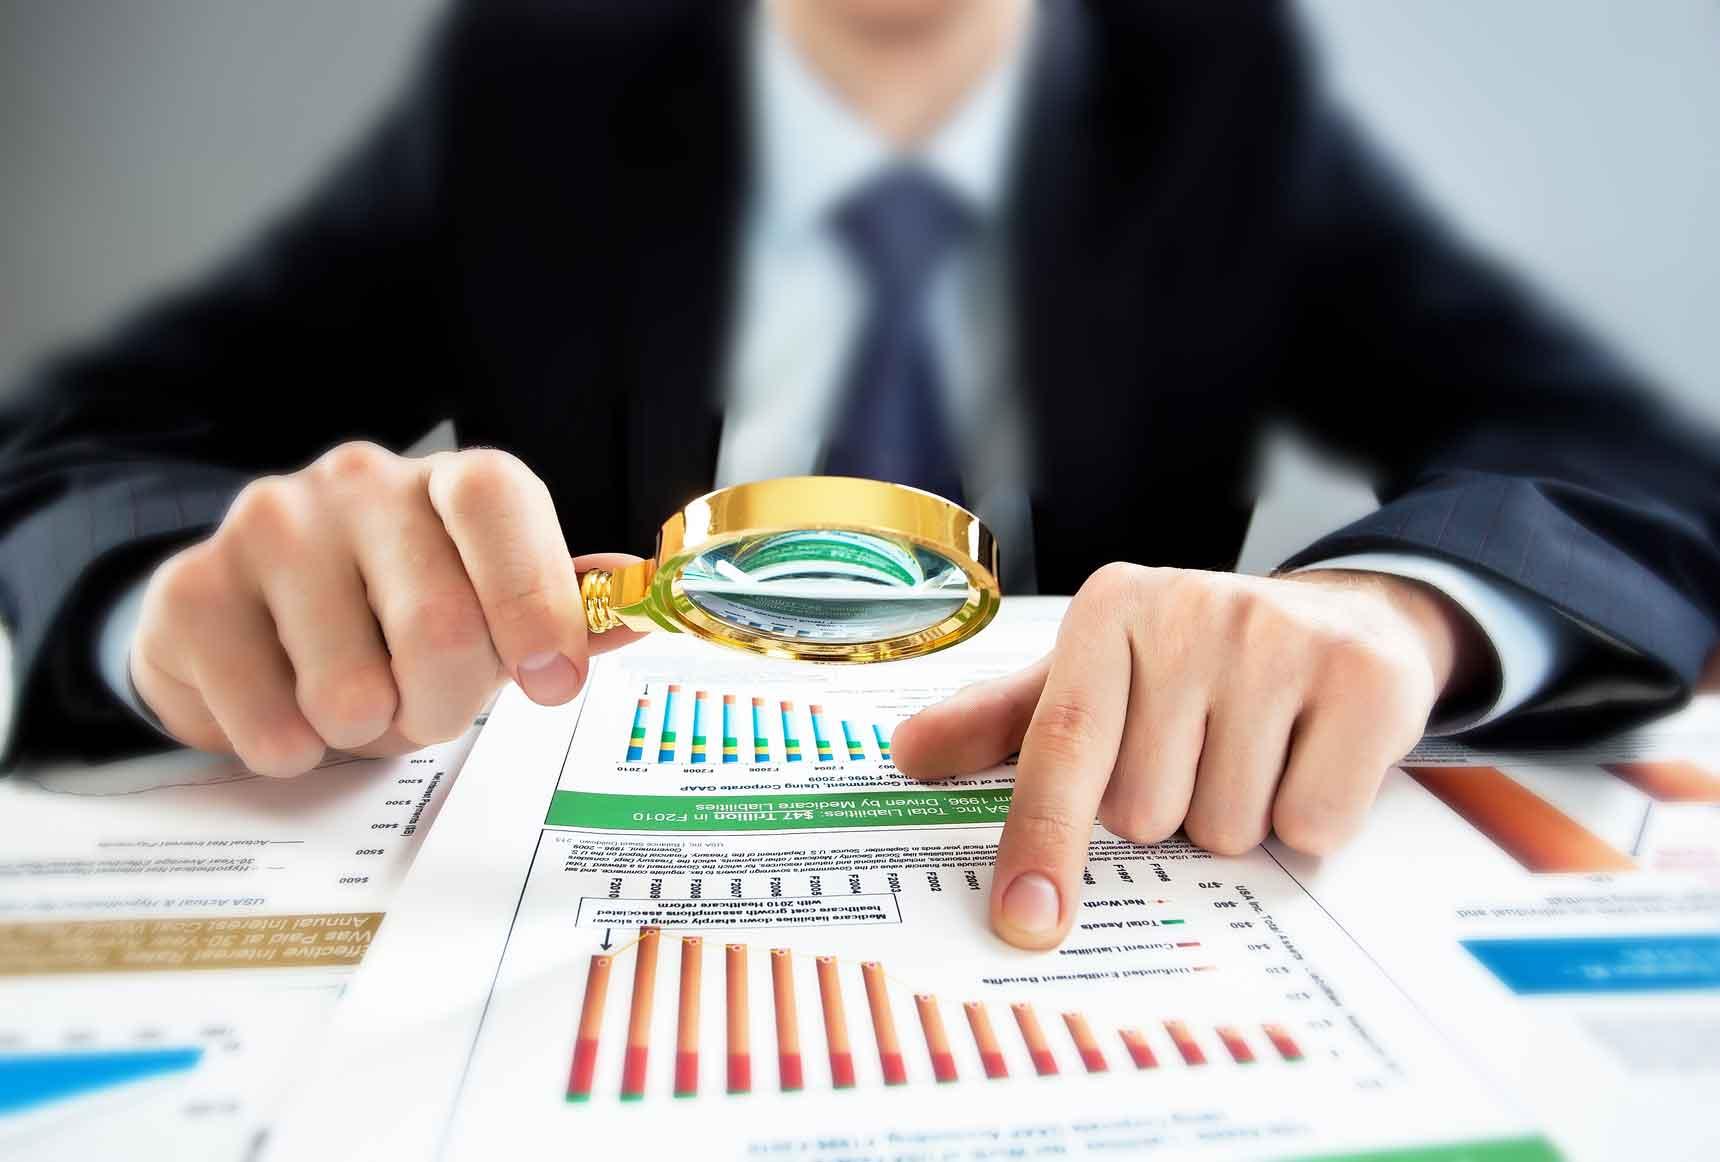 Вебинар: Бюджетное управление предприятием. Инструкция по практическому внедрению. Часть 1